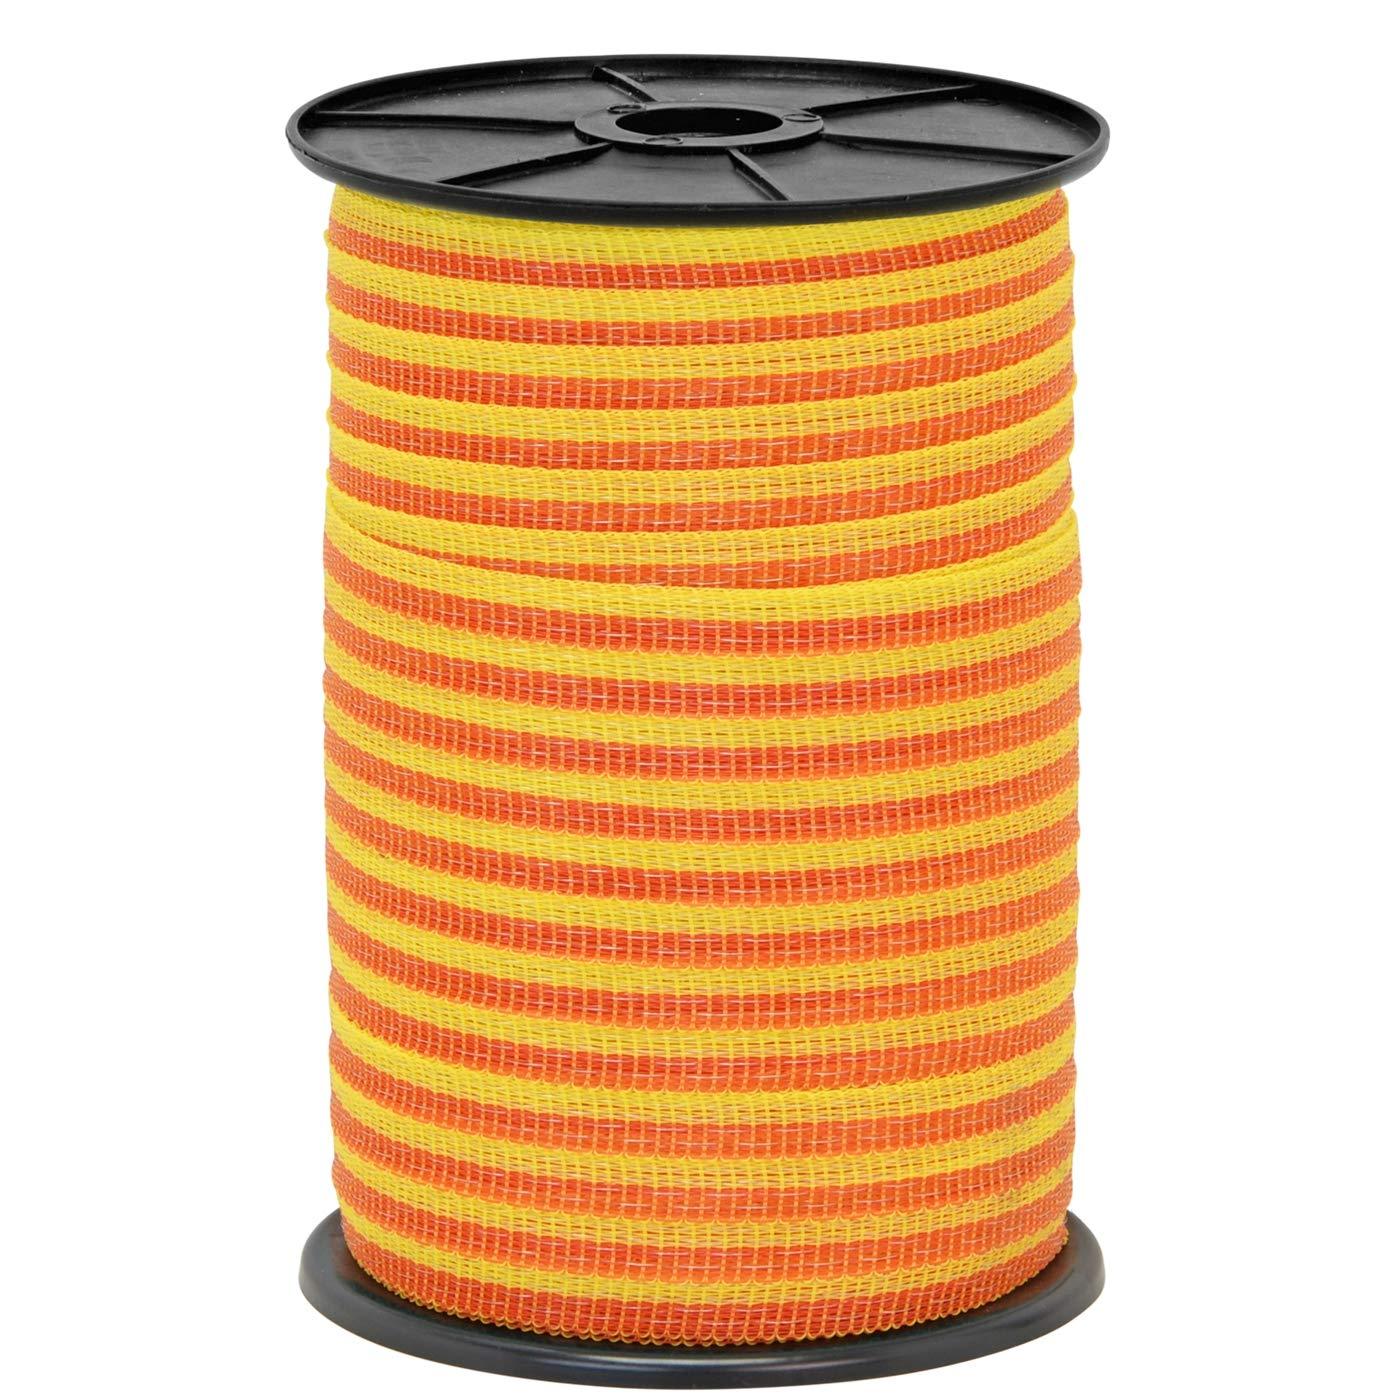 16 Acier Inox Jaune Orange VOSS.farming 250m Ruban Clôture Électrique 10mm 4x0